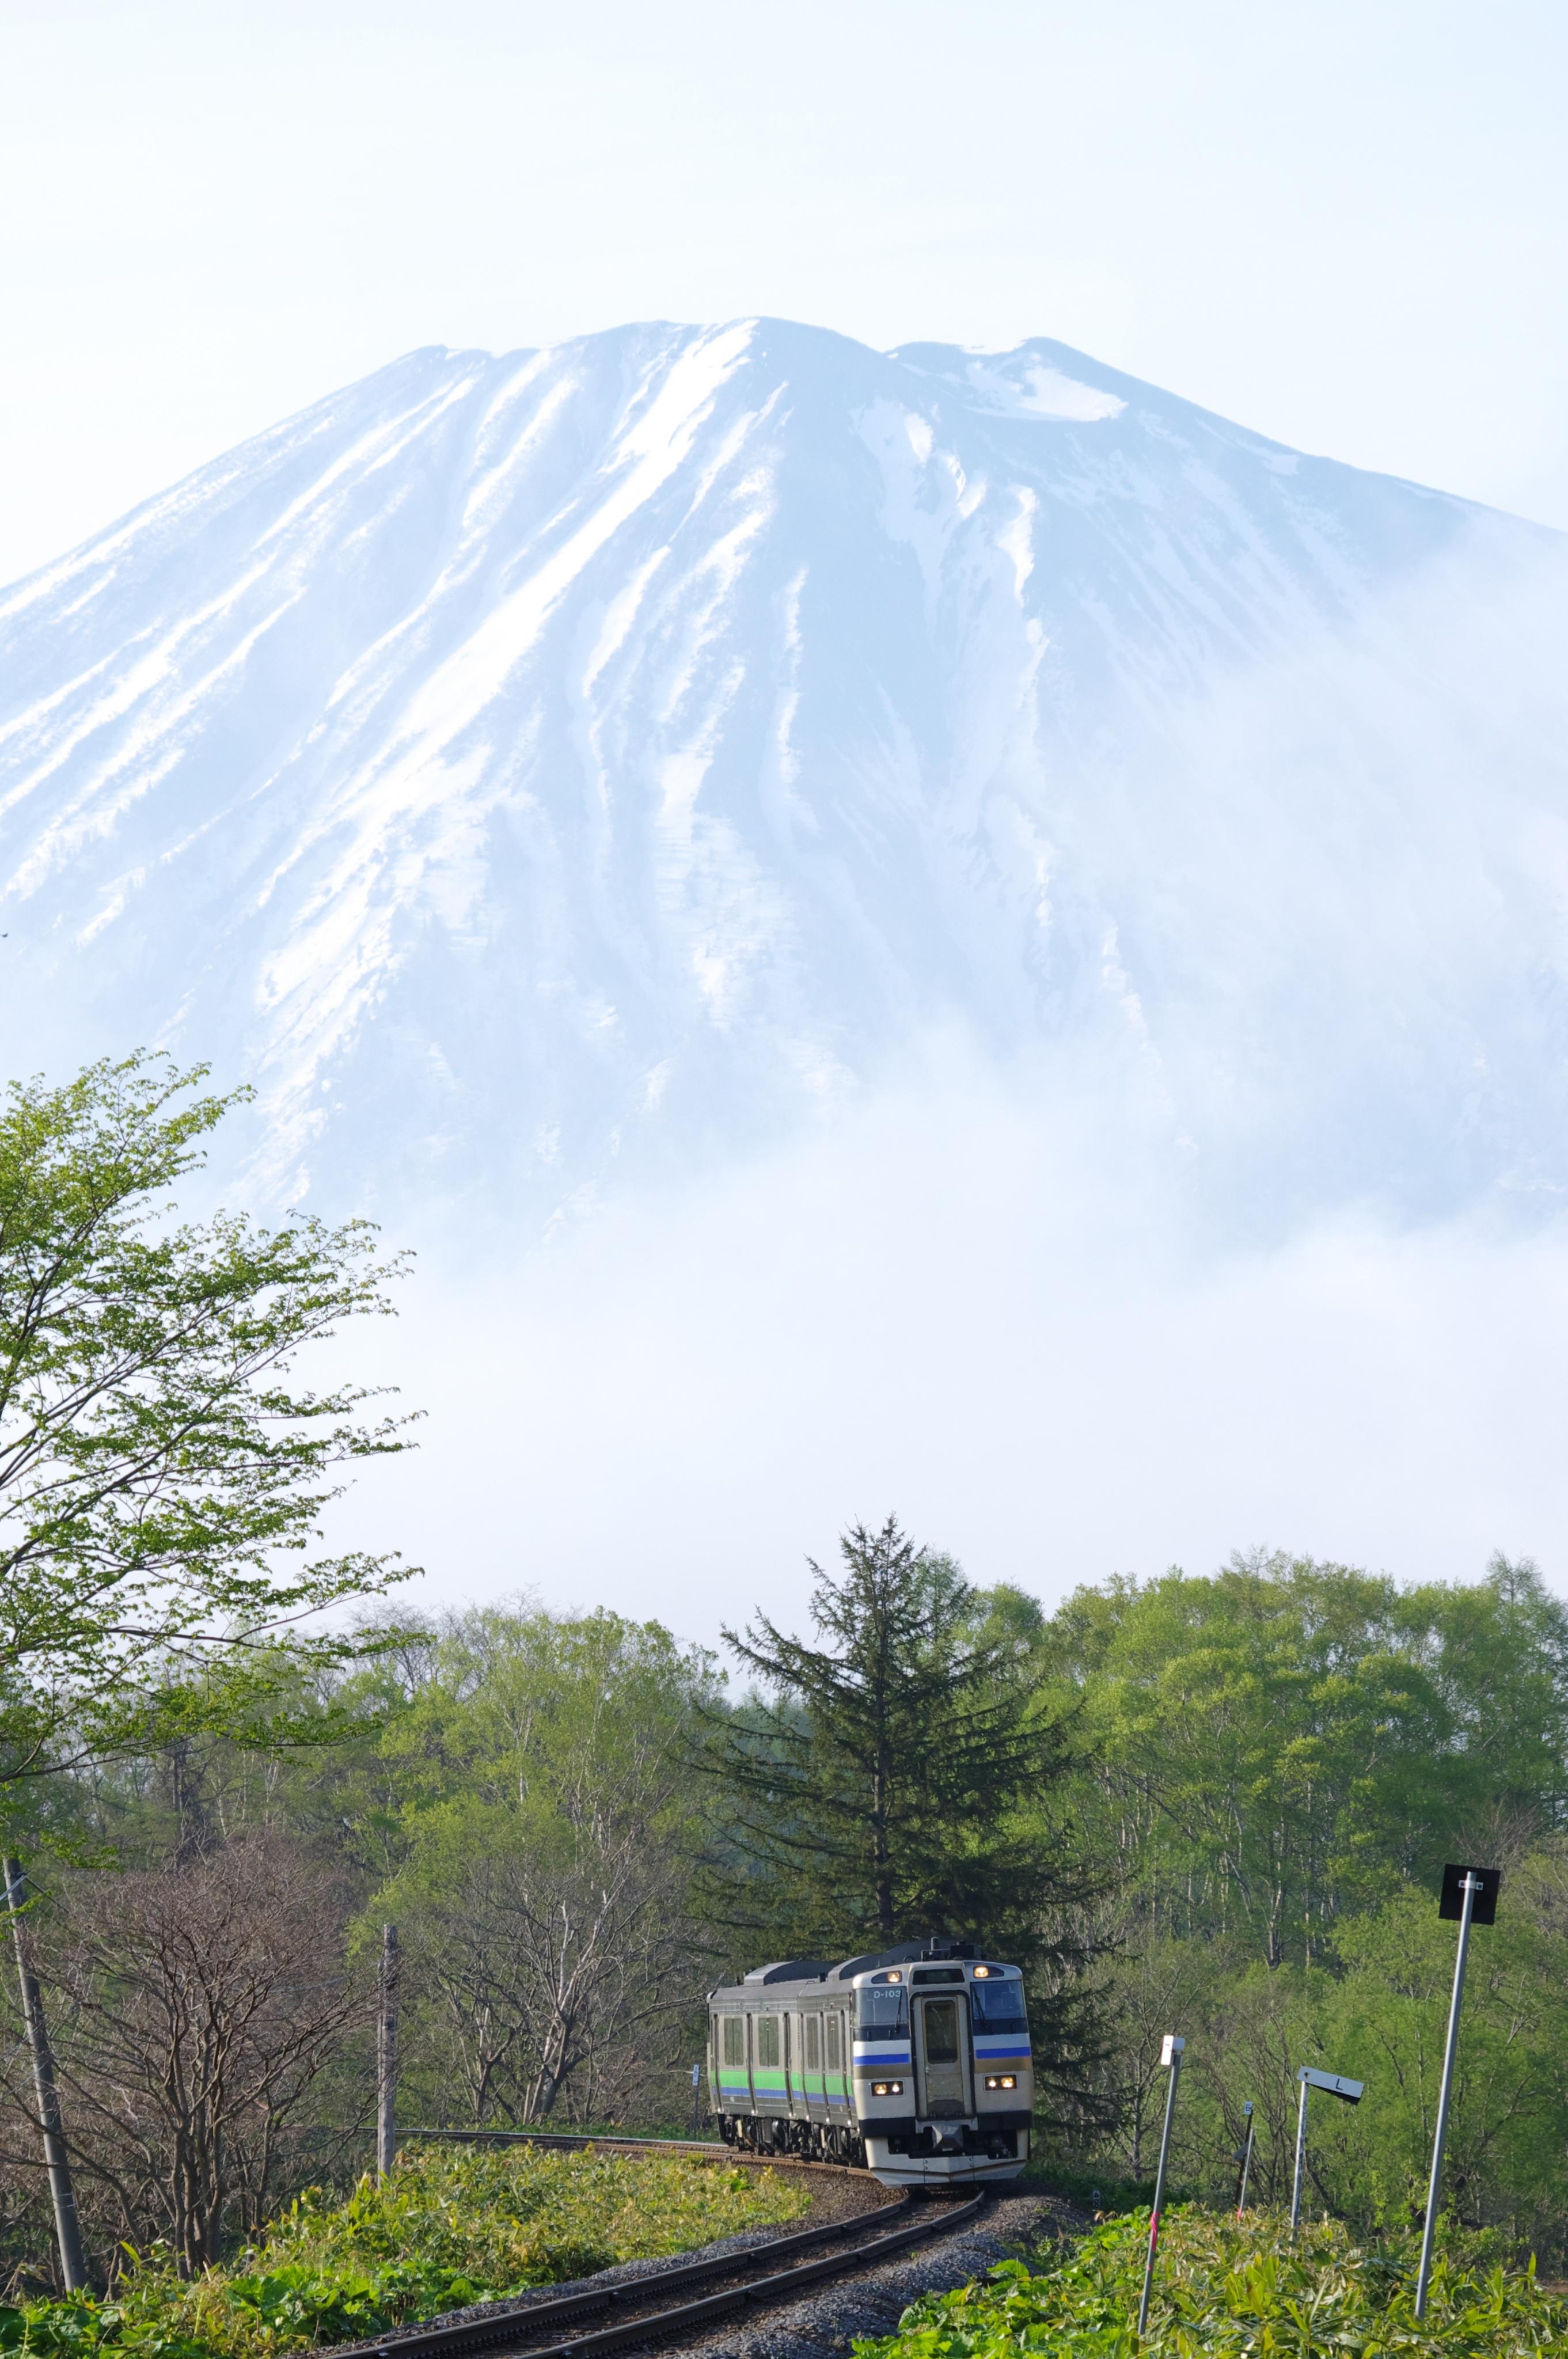 キハ201 963D 倶知安−小沢 北四線踏切_190517.jpg